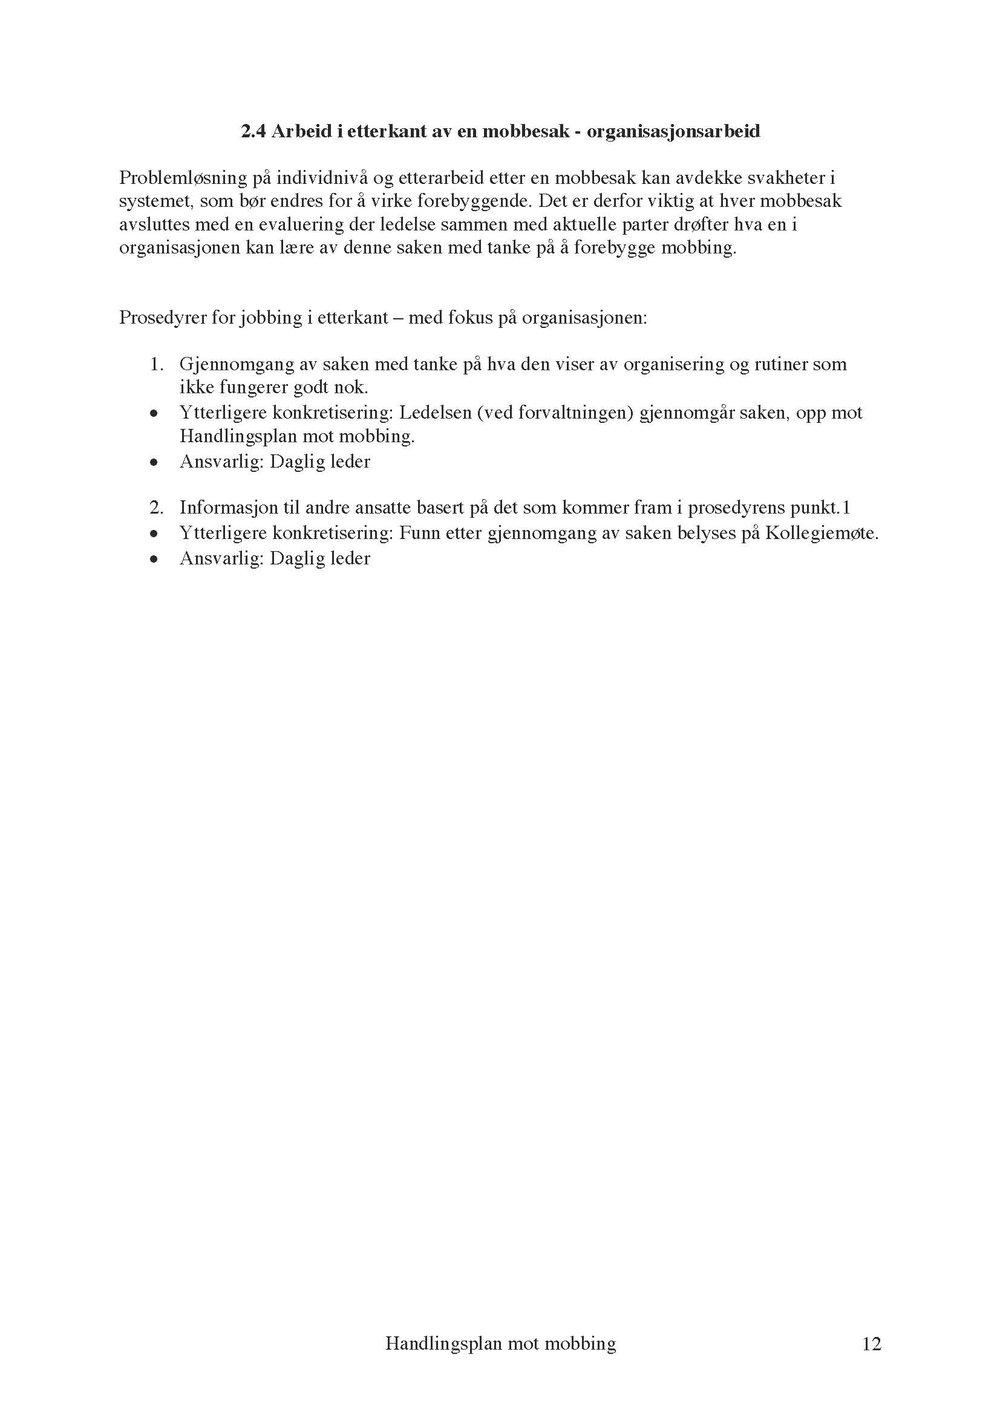 Handlingsplan mot mobbing _Page_12.jpg